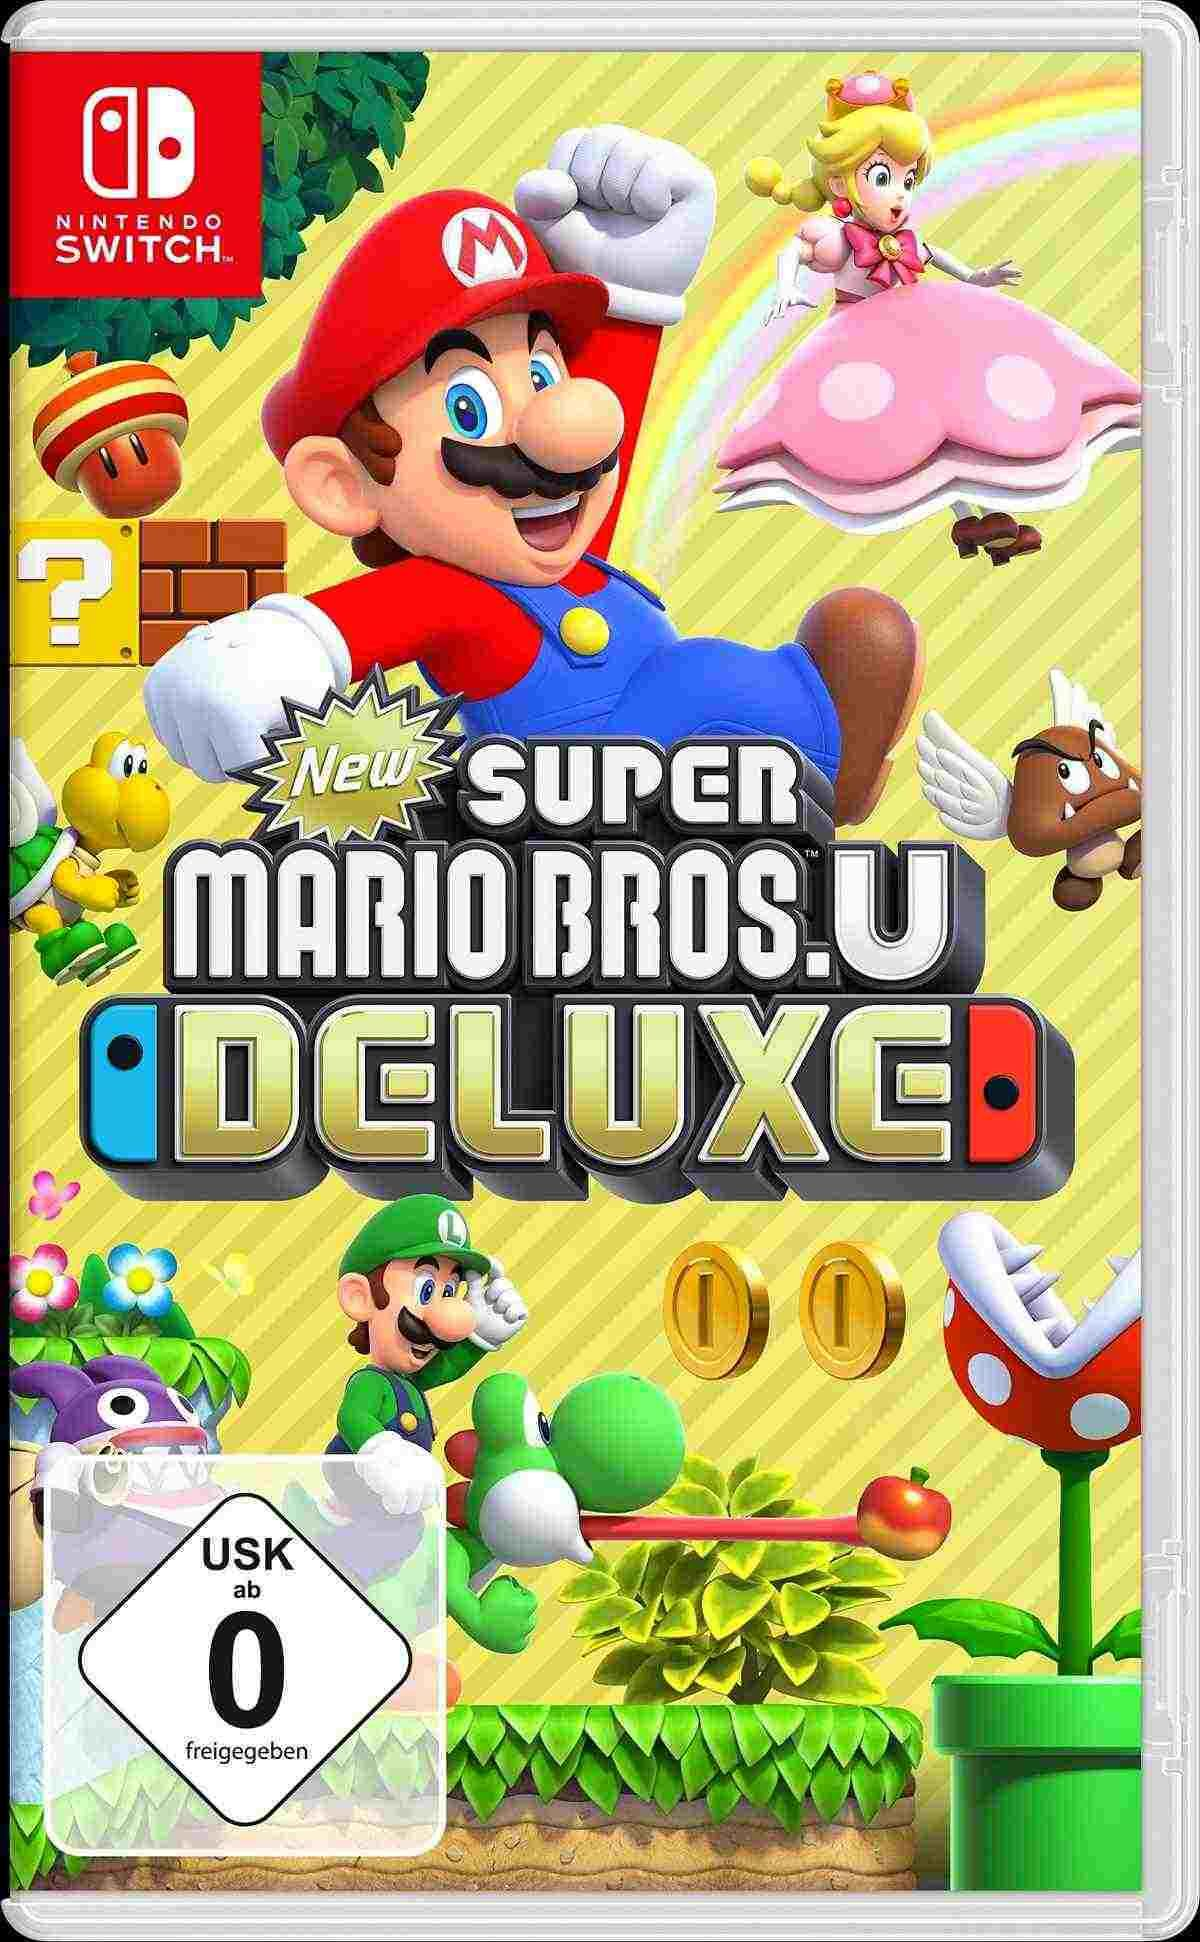 New Supermario Bros U Deluxe Nintendo Switch Key Kaufen Kein Problem Uber Unseren Preisvergleich Super Mario Party Super Smash Bros Mario Party